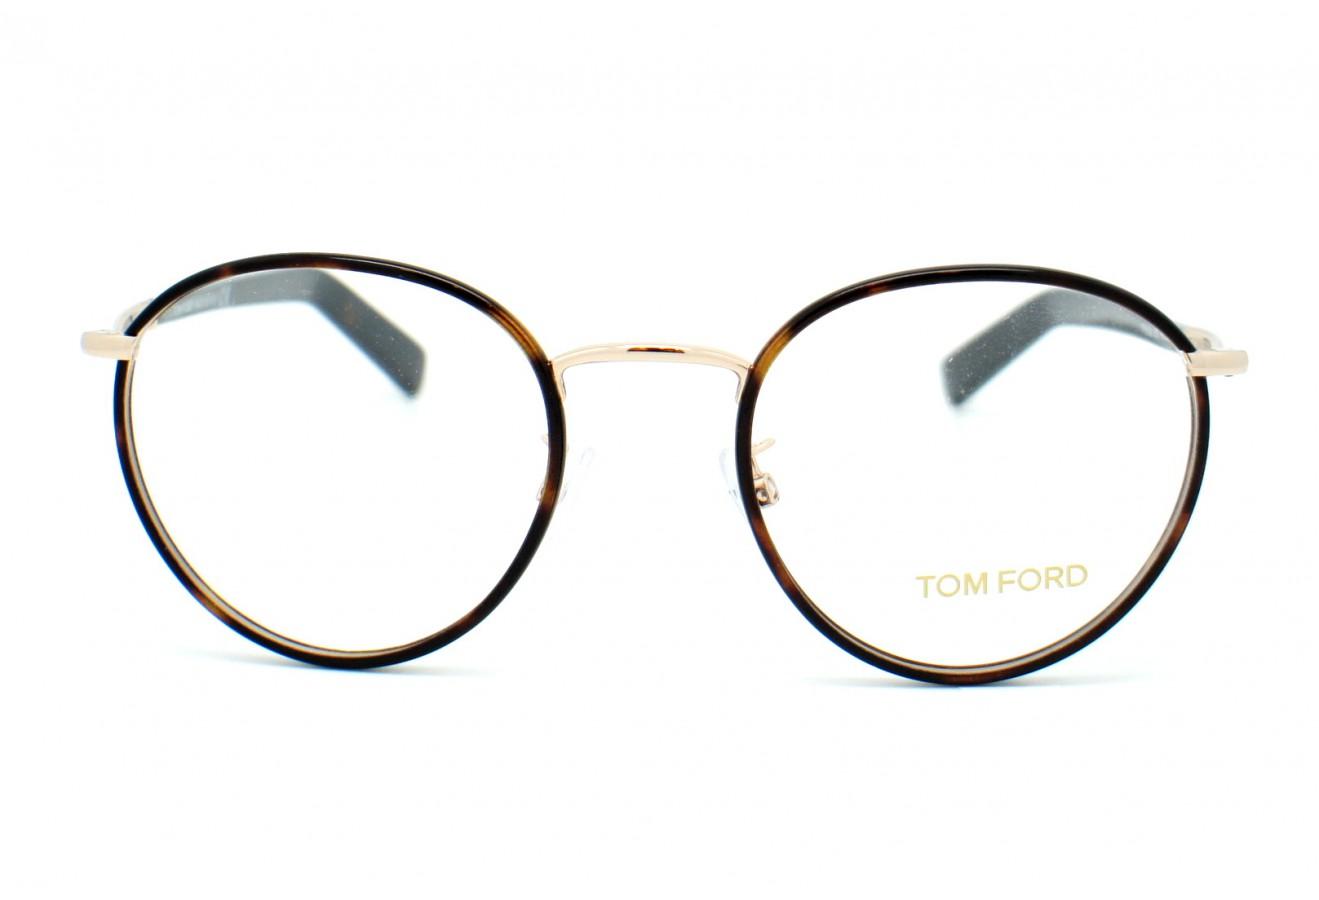 tom ford lunettes de vue femme publicit s nike 2012. Black Bedroom Furniture Sets. Home Design Ideas